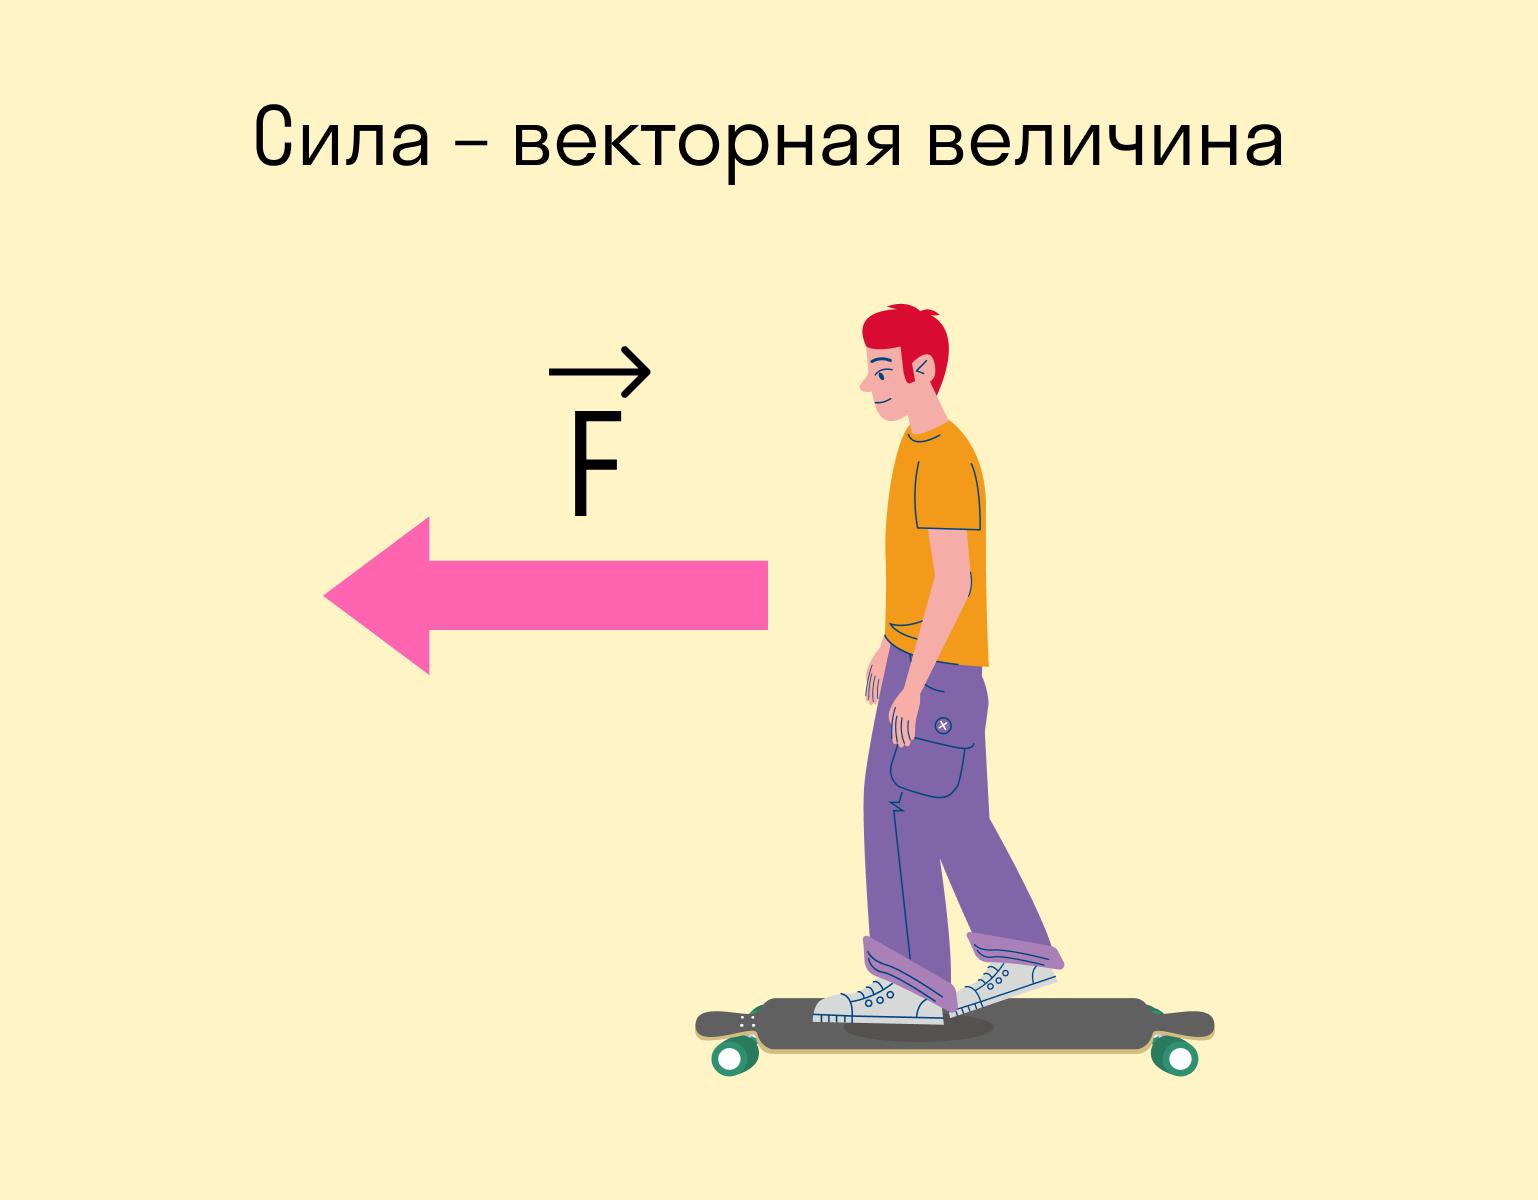 сила - векторная величина